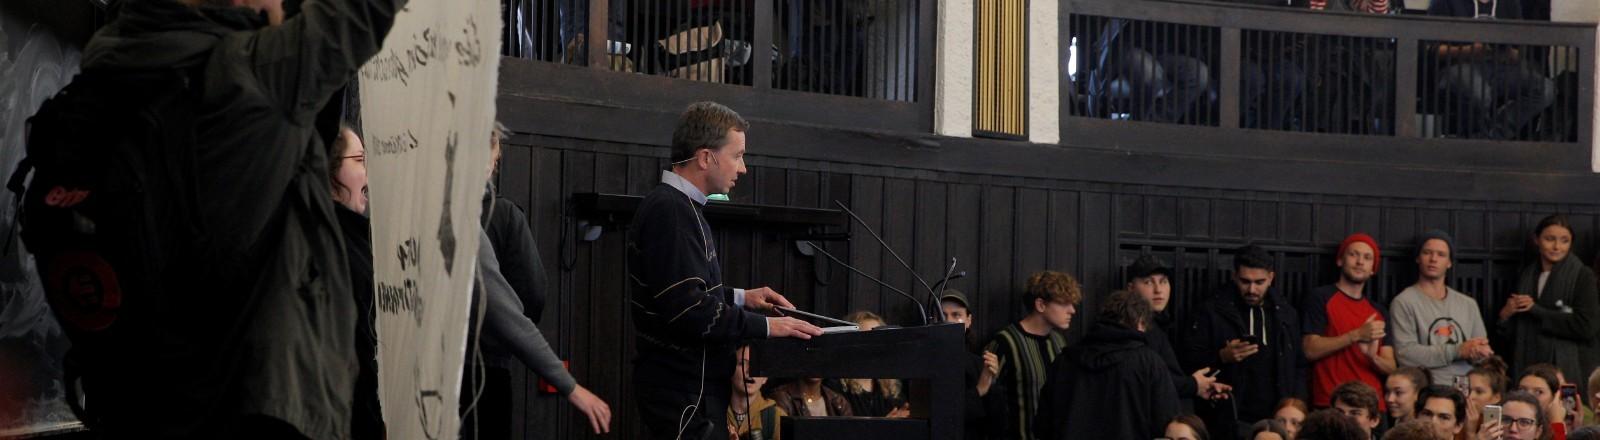 Bernd Lucke hält eine Vorlesung unter Studierenden-Protesten